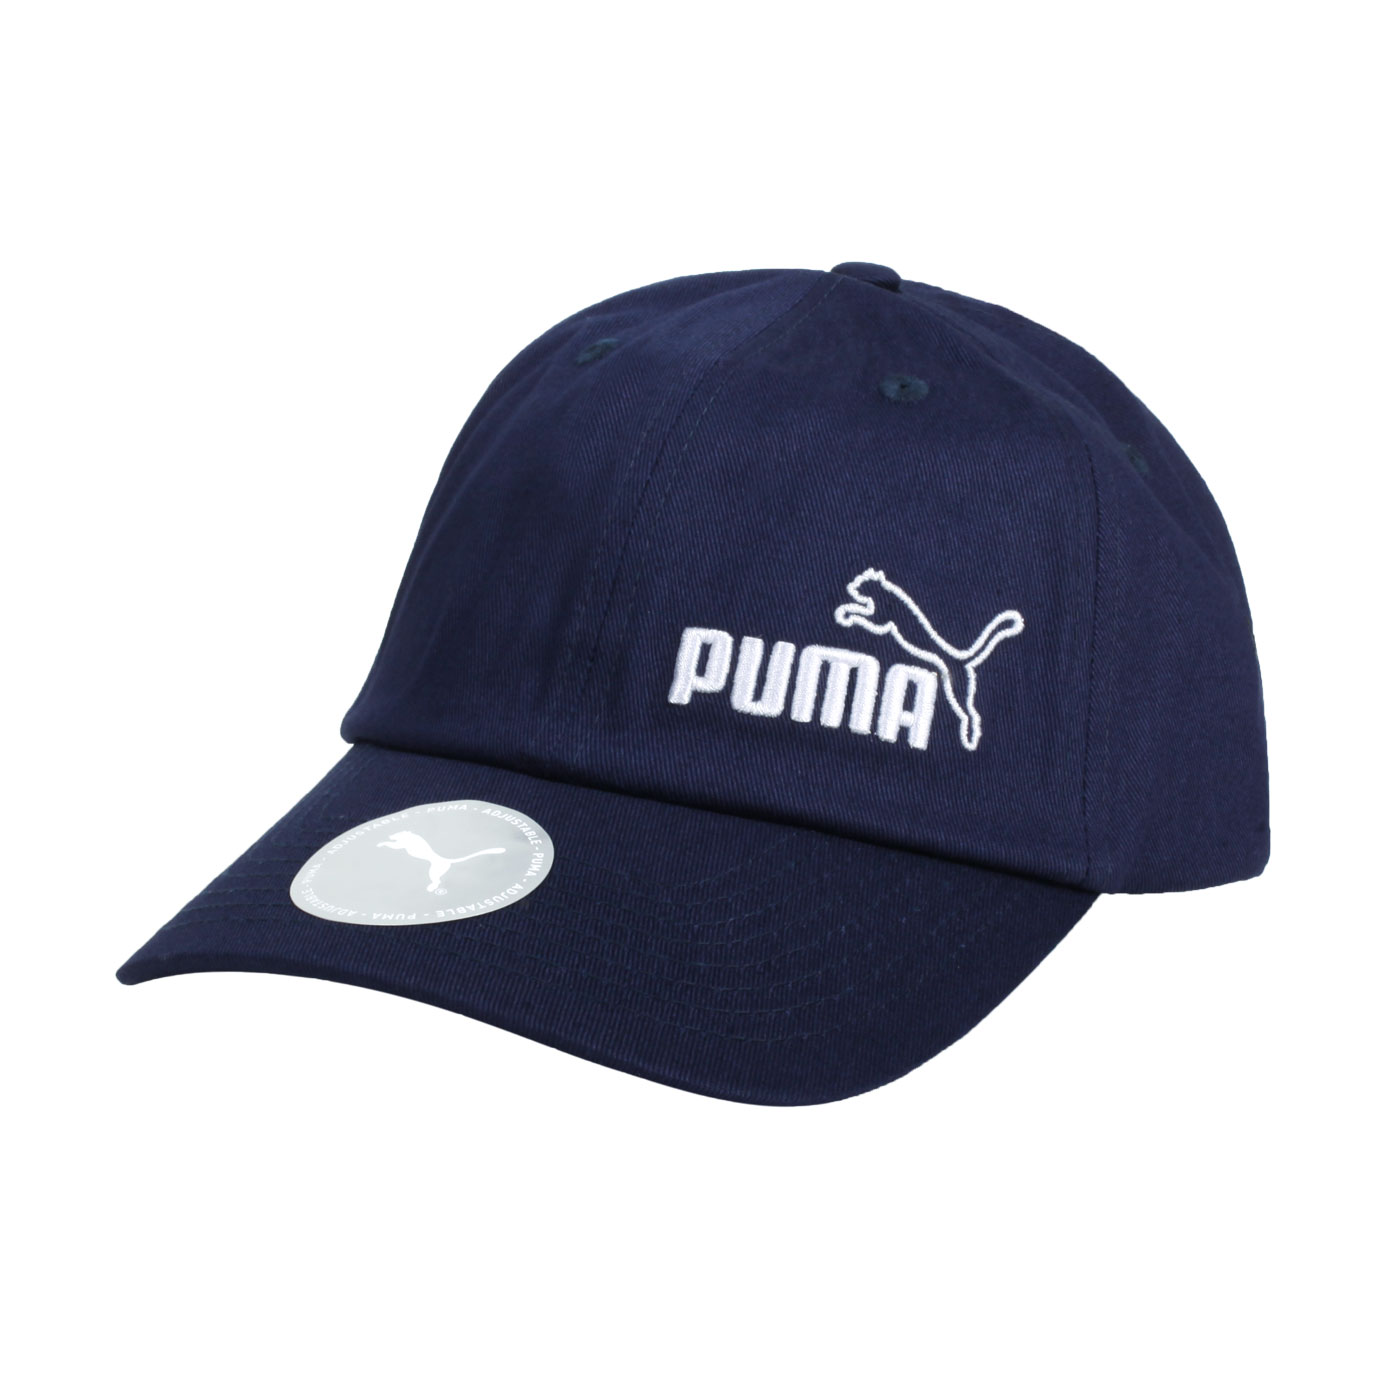 PUMA 基本系列棒球帽 02254327 - 丈青白